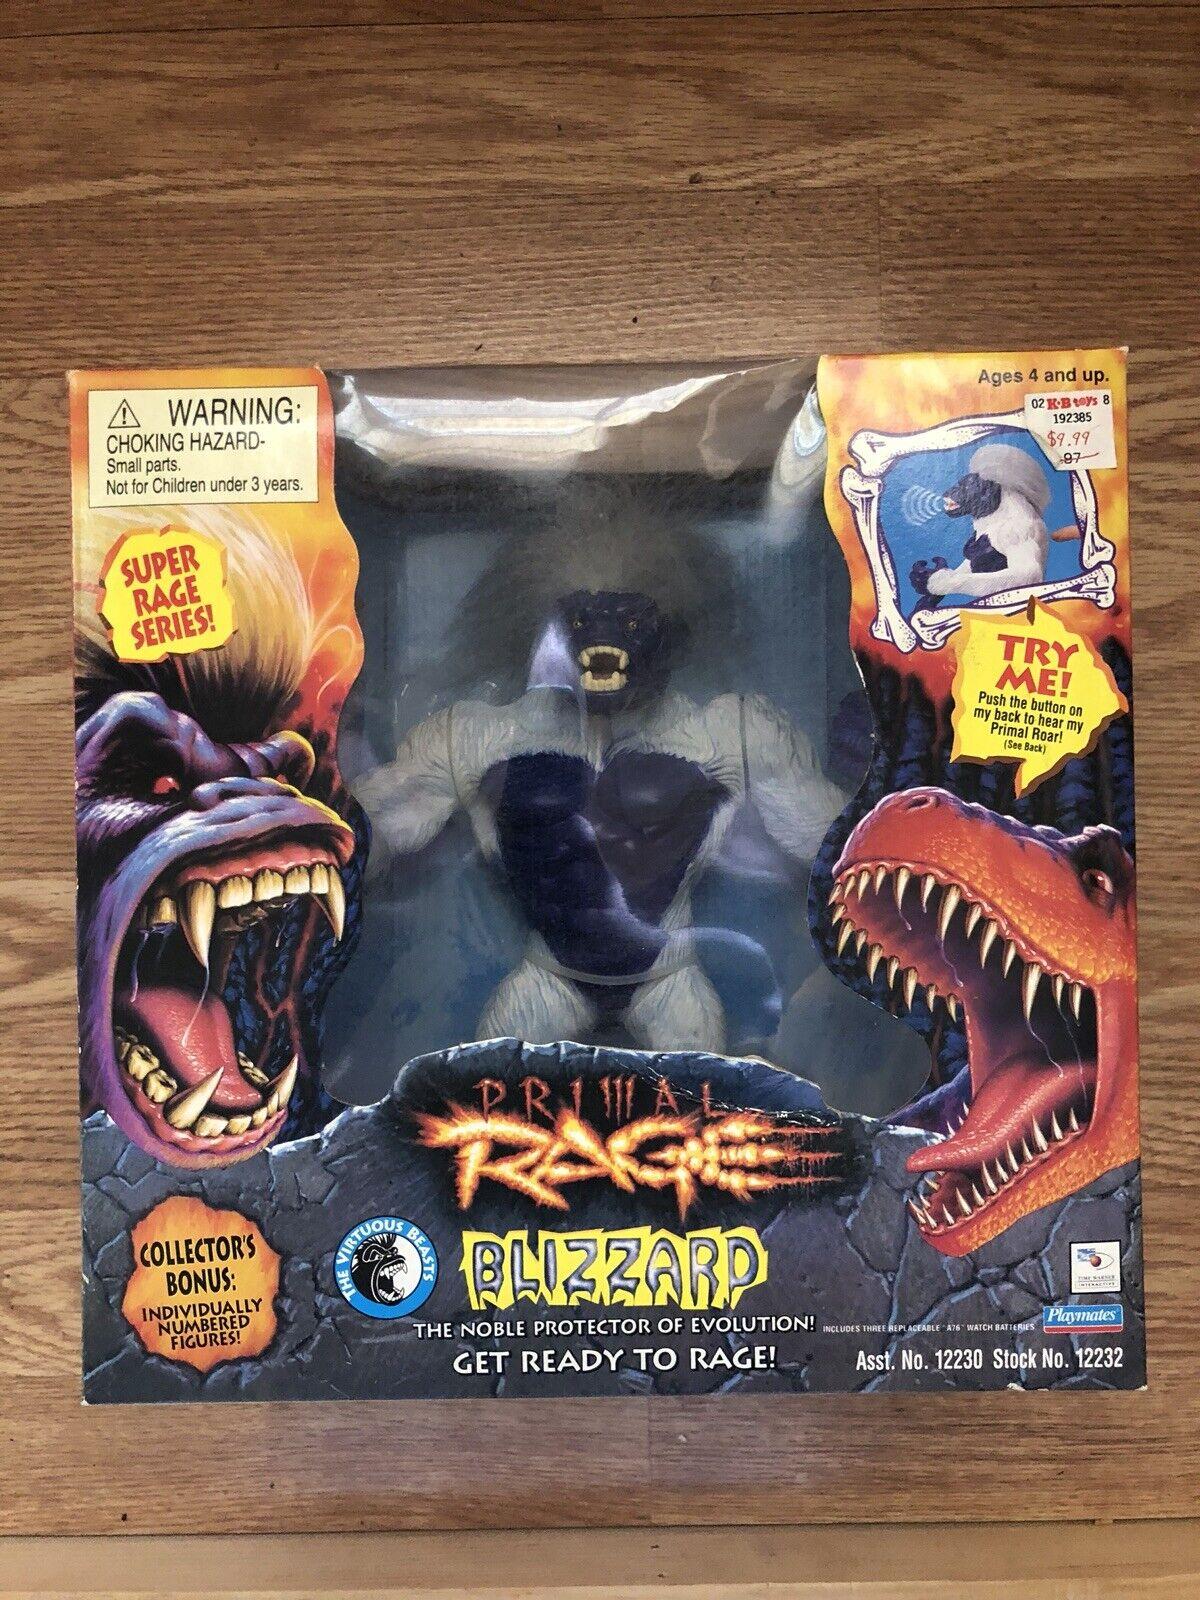 """Primal Rage Blizzard 12"""" Figure Super Rage Series"""